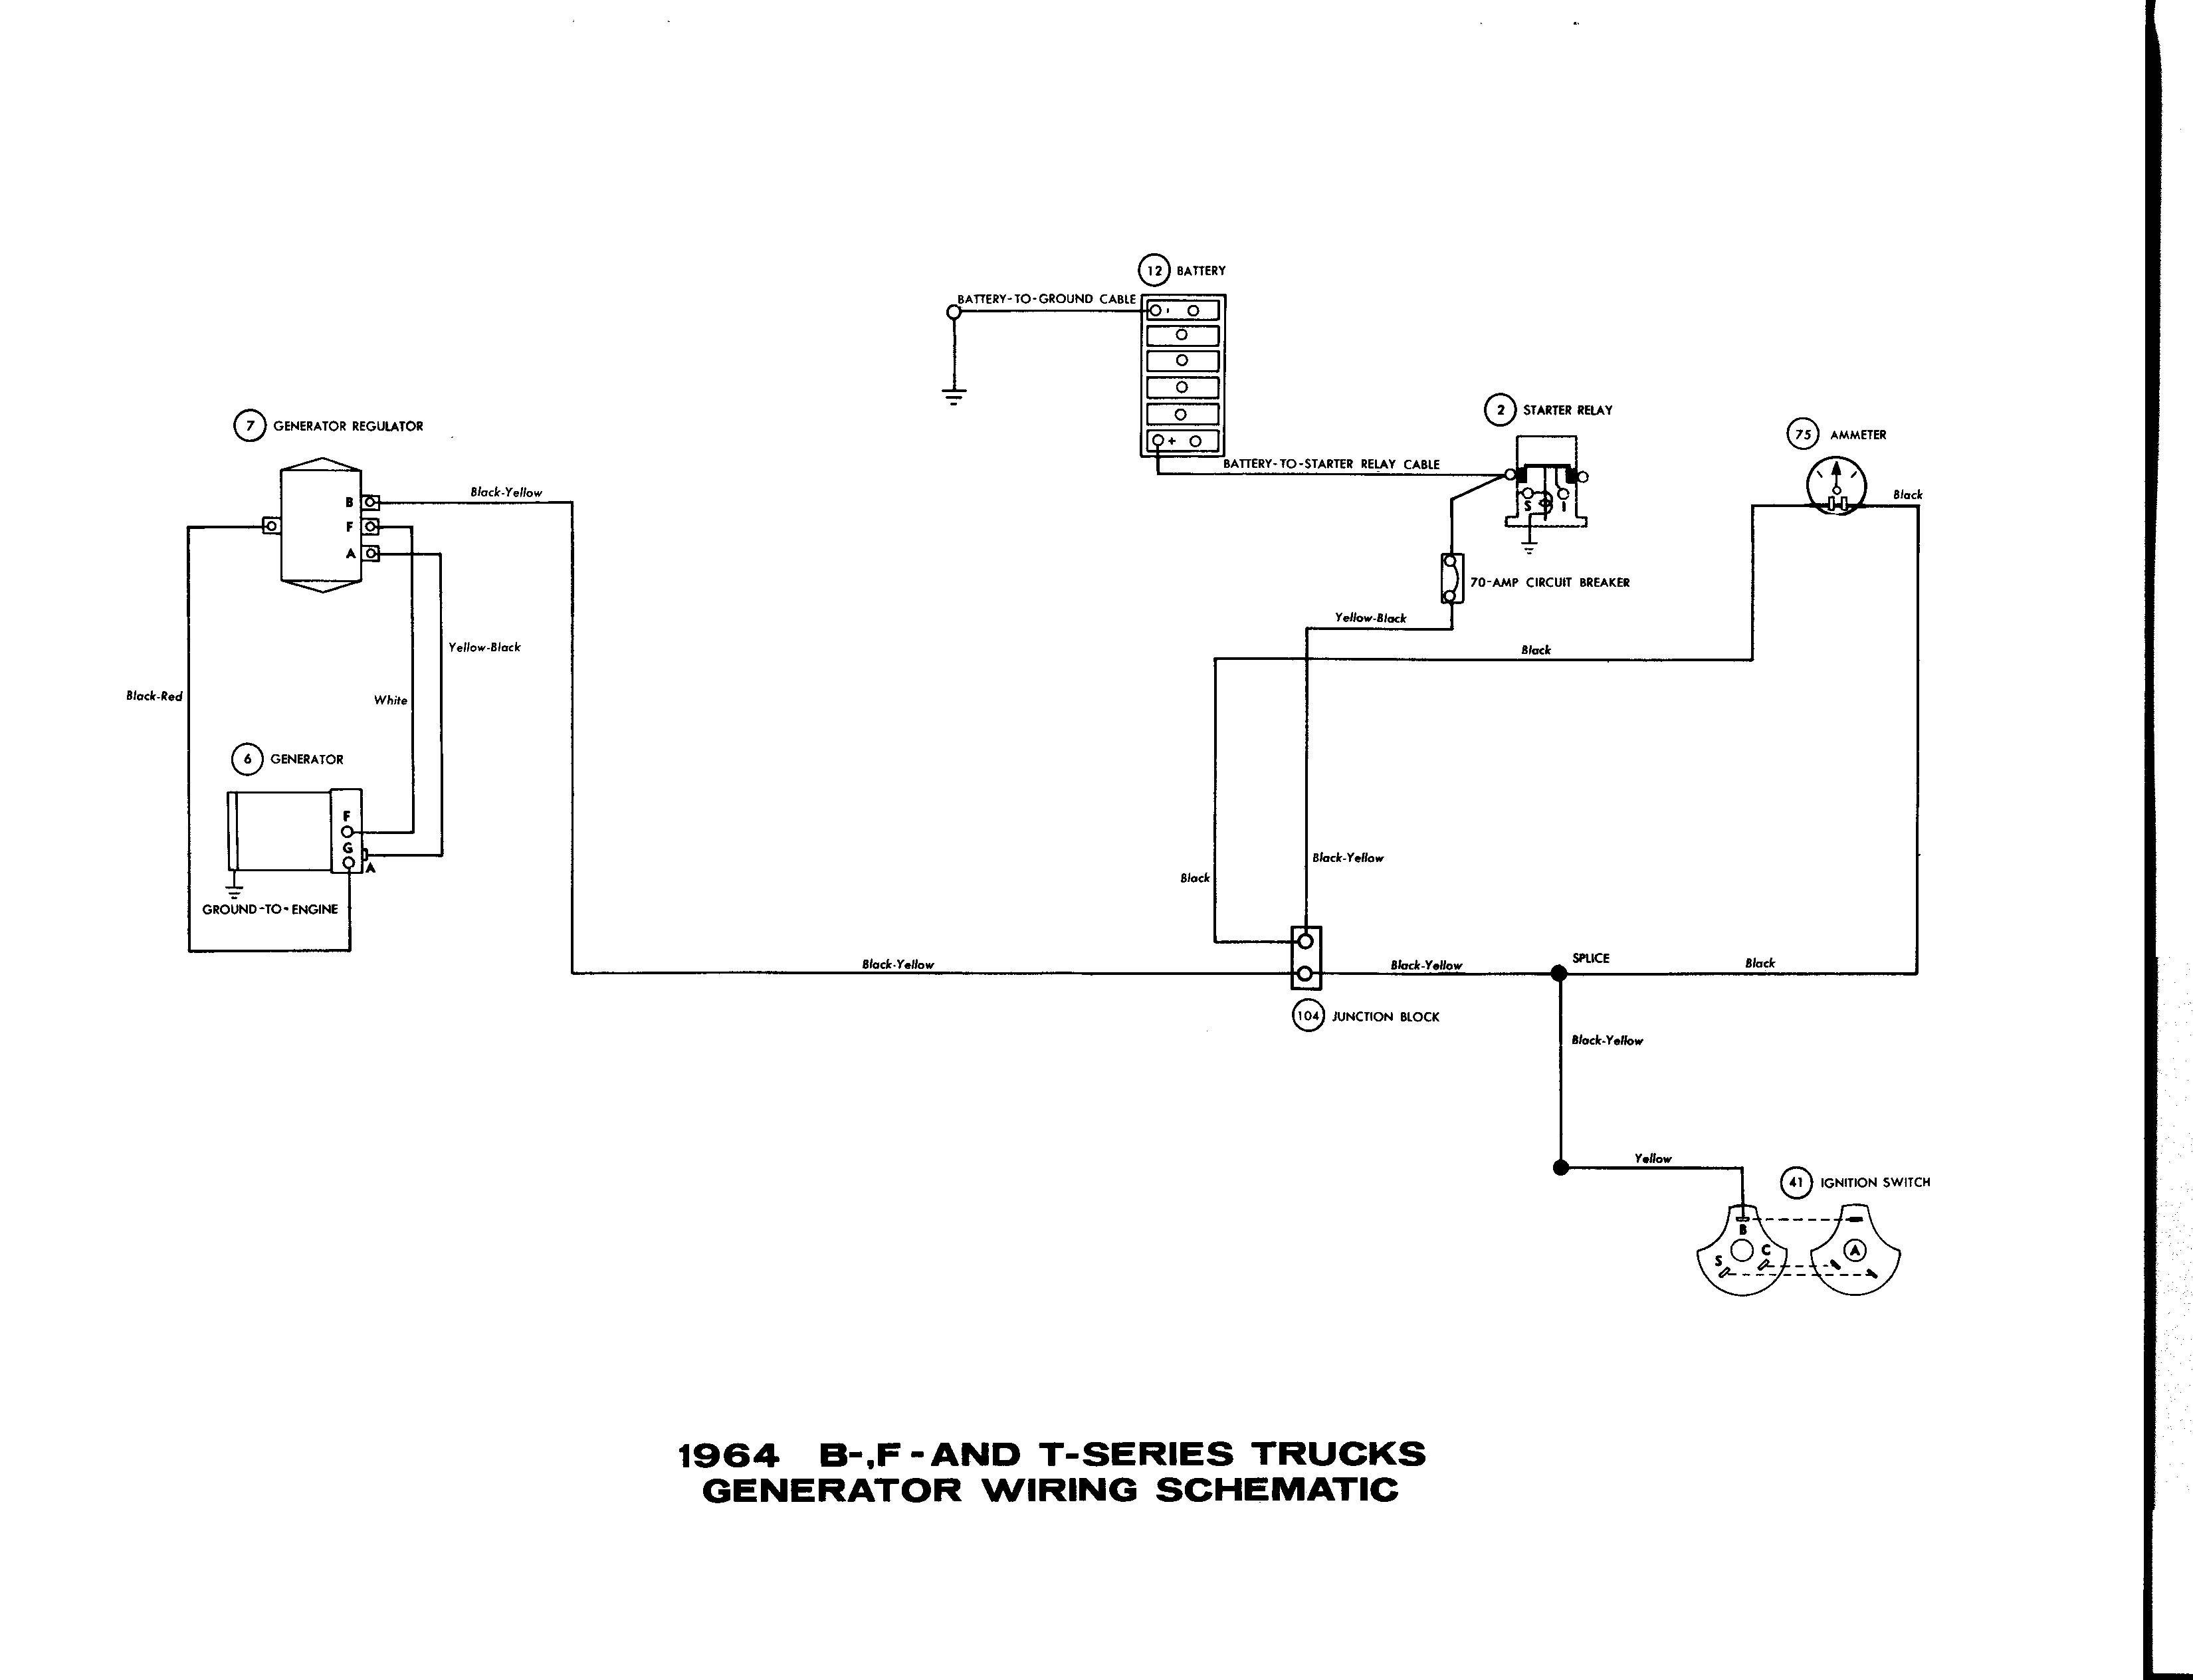 Wiring Diagram For Holden Alternator Fresh Exelent Ford Tractor Alternator Wiring Diagram Inspiration Simple